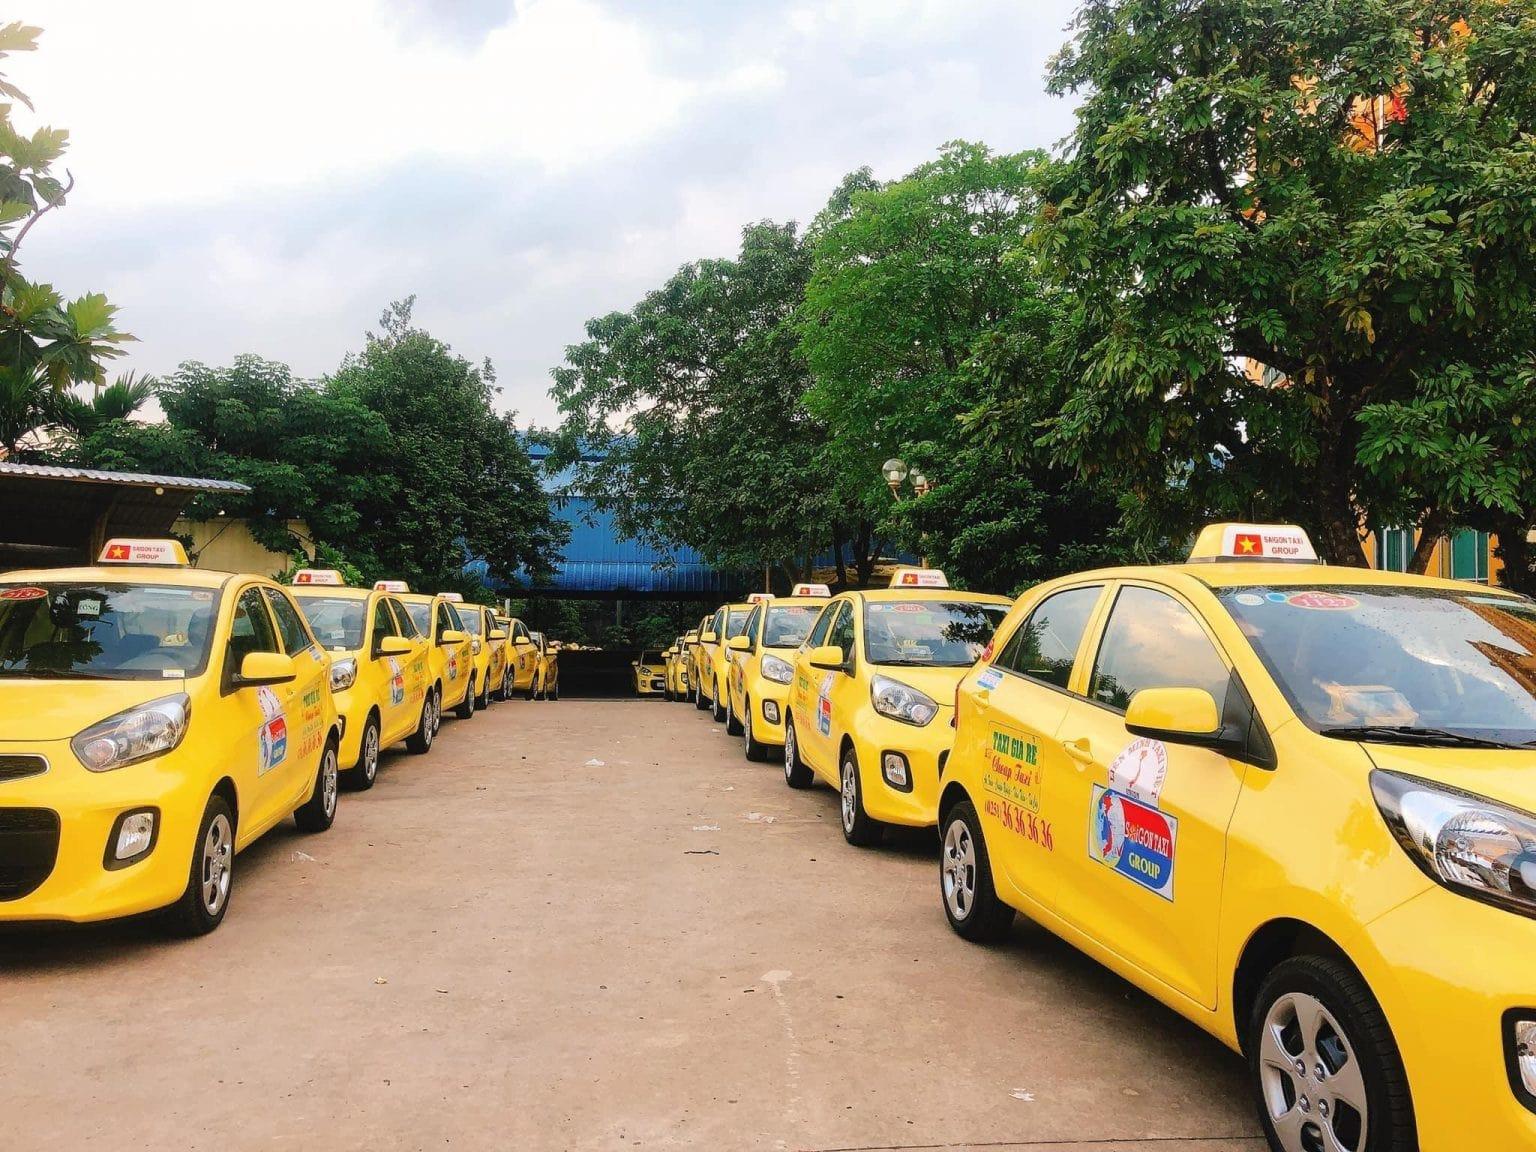 Sài Gòn Taxi - Số Điện Thoại Taxi Giá Rẻ Tại Biên Hòa